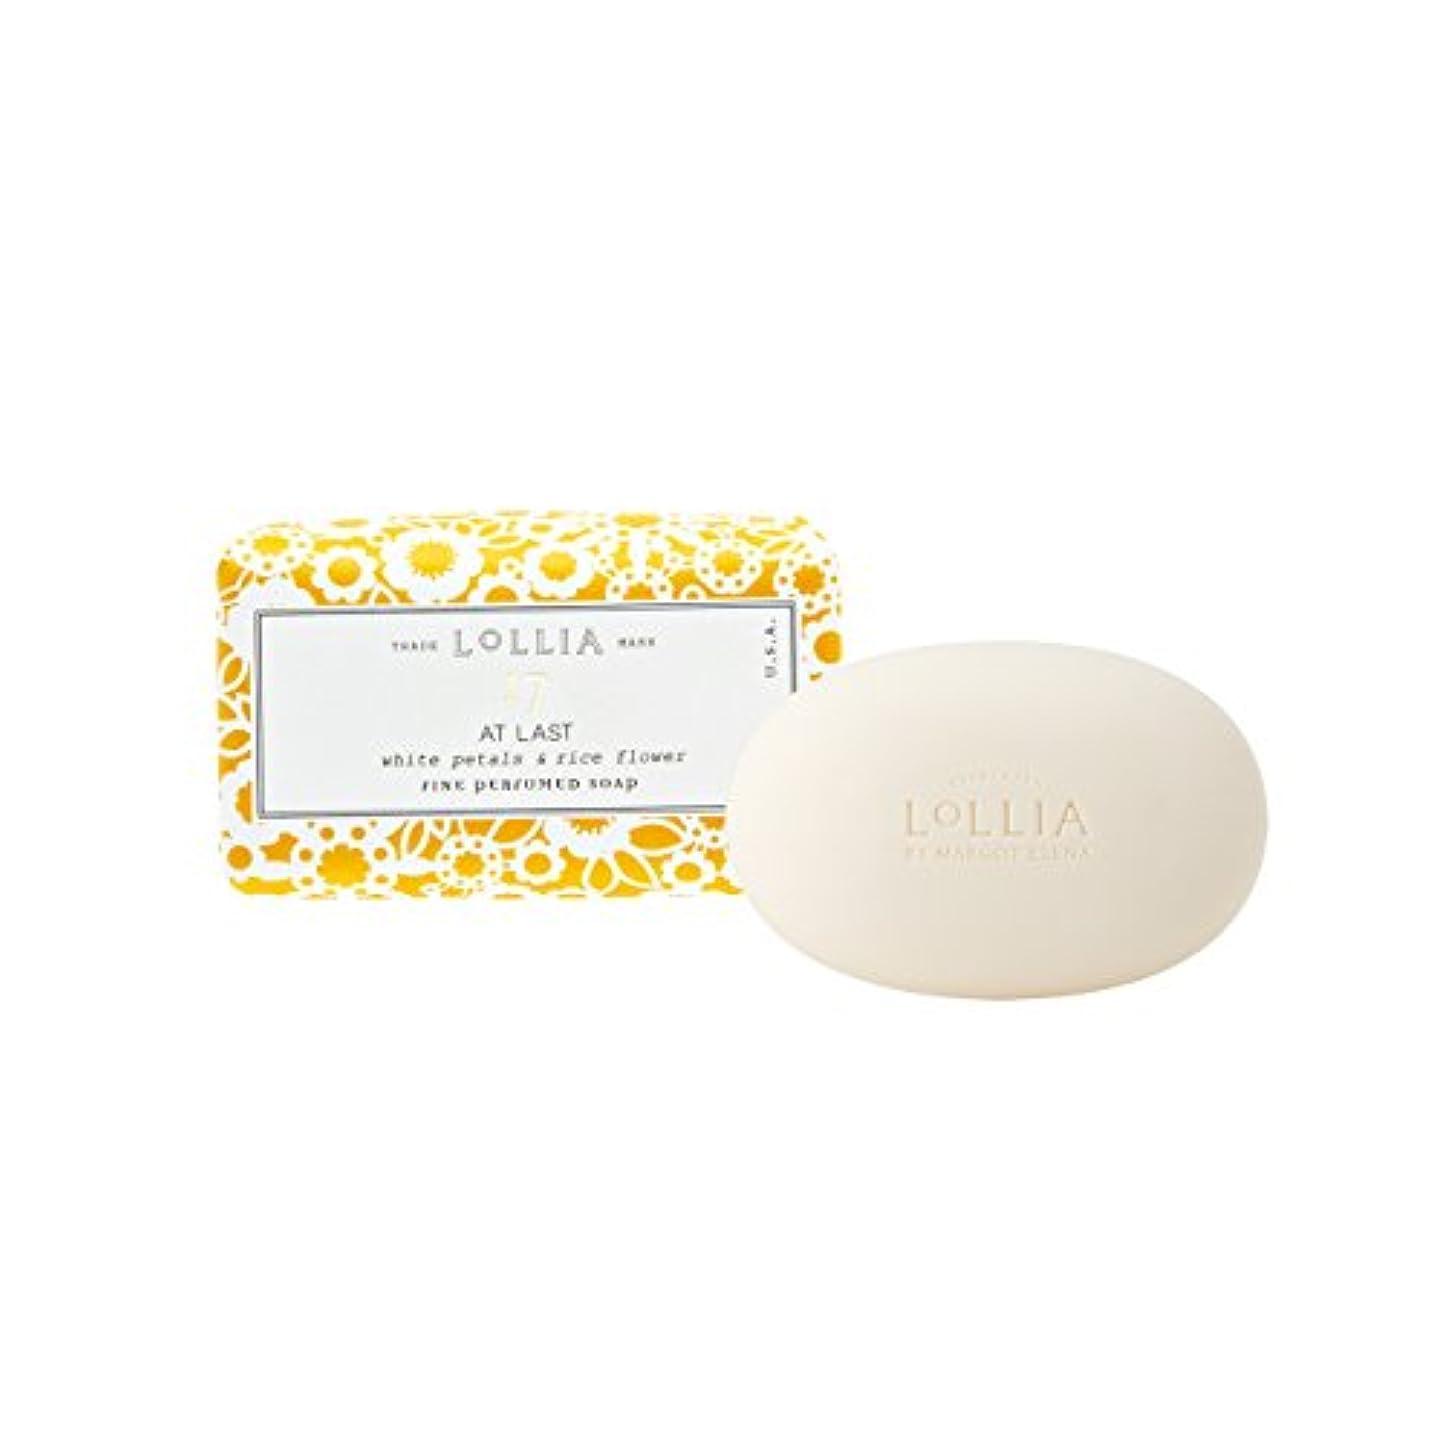 体満足溶接ロリア(LoLLIA) フレグランスソープ140g AtLast(化粧石けん 全身用洗浄料 ライスフラワー、マグノリアとミモザの柔らかな花々の香り)